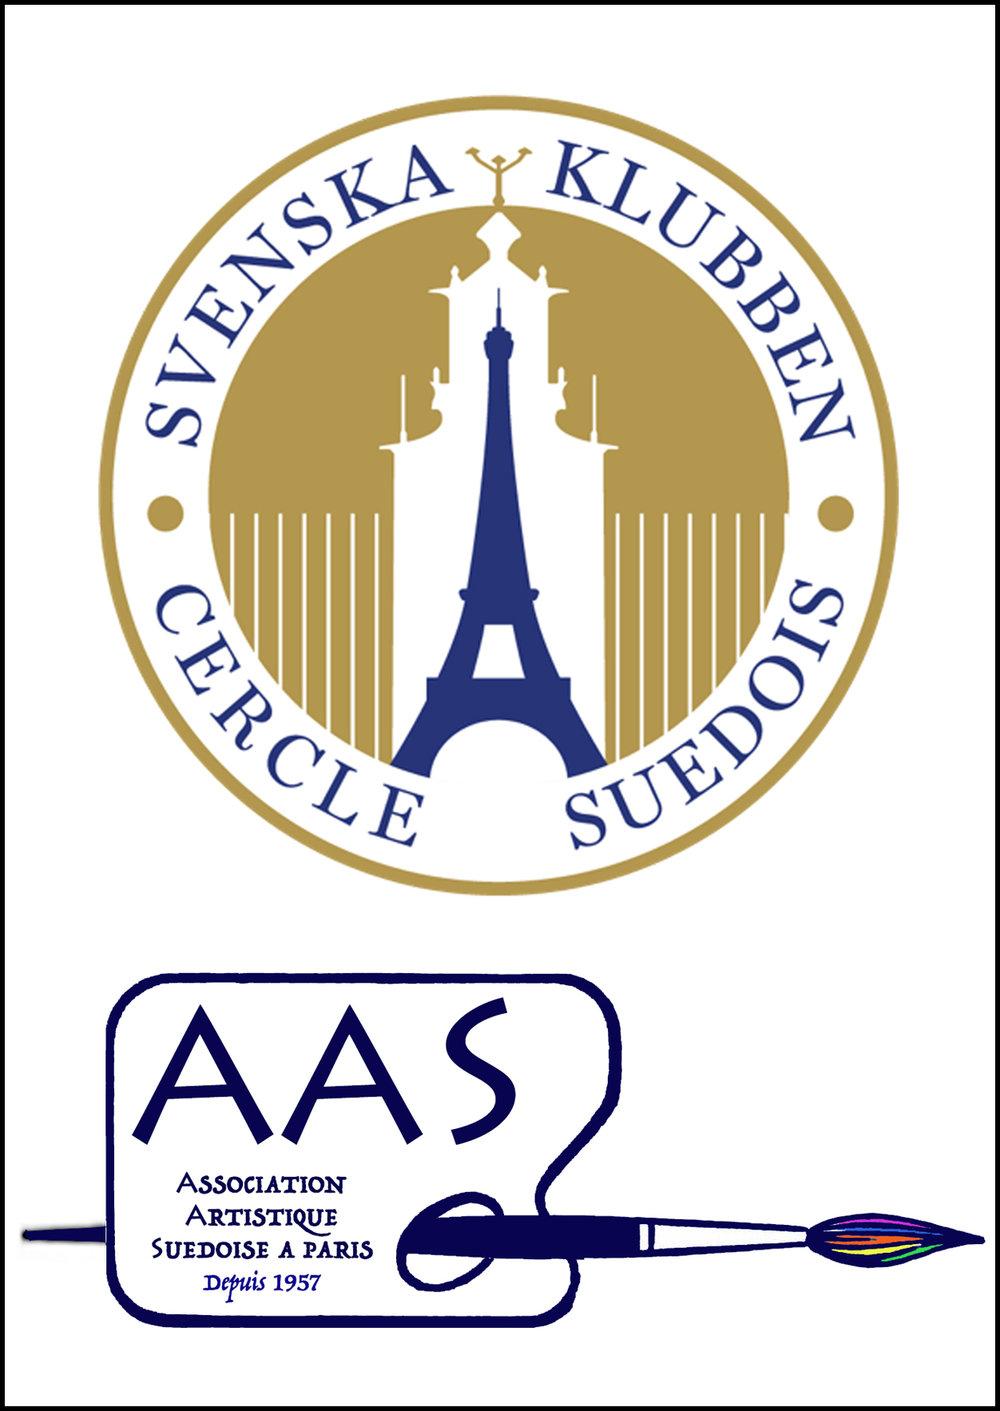 CERCLE SUEDOIS - PARIS, FRANCEExpo: 11/05/2017 - 01/06/2017Vernissage 11/05/2017 (17h00-20h00)